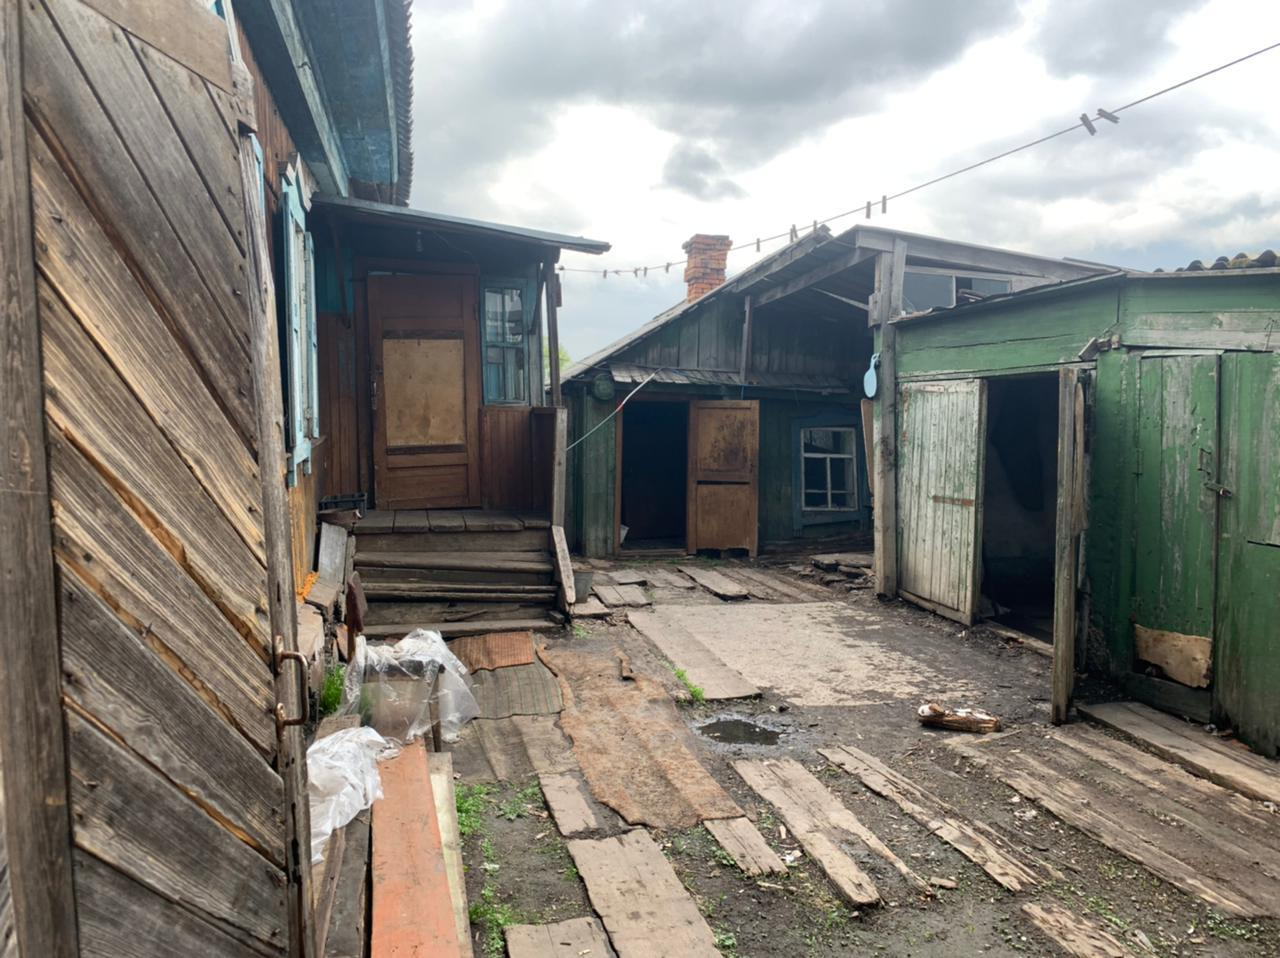 Фото 39-летний мужчина забил собутыльника под Новосибирском 3